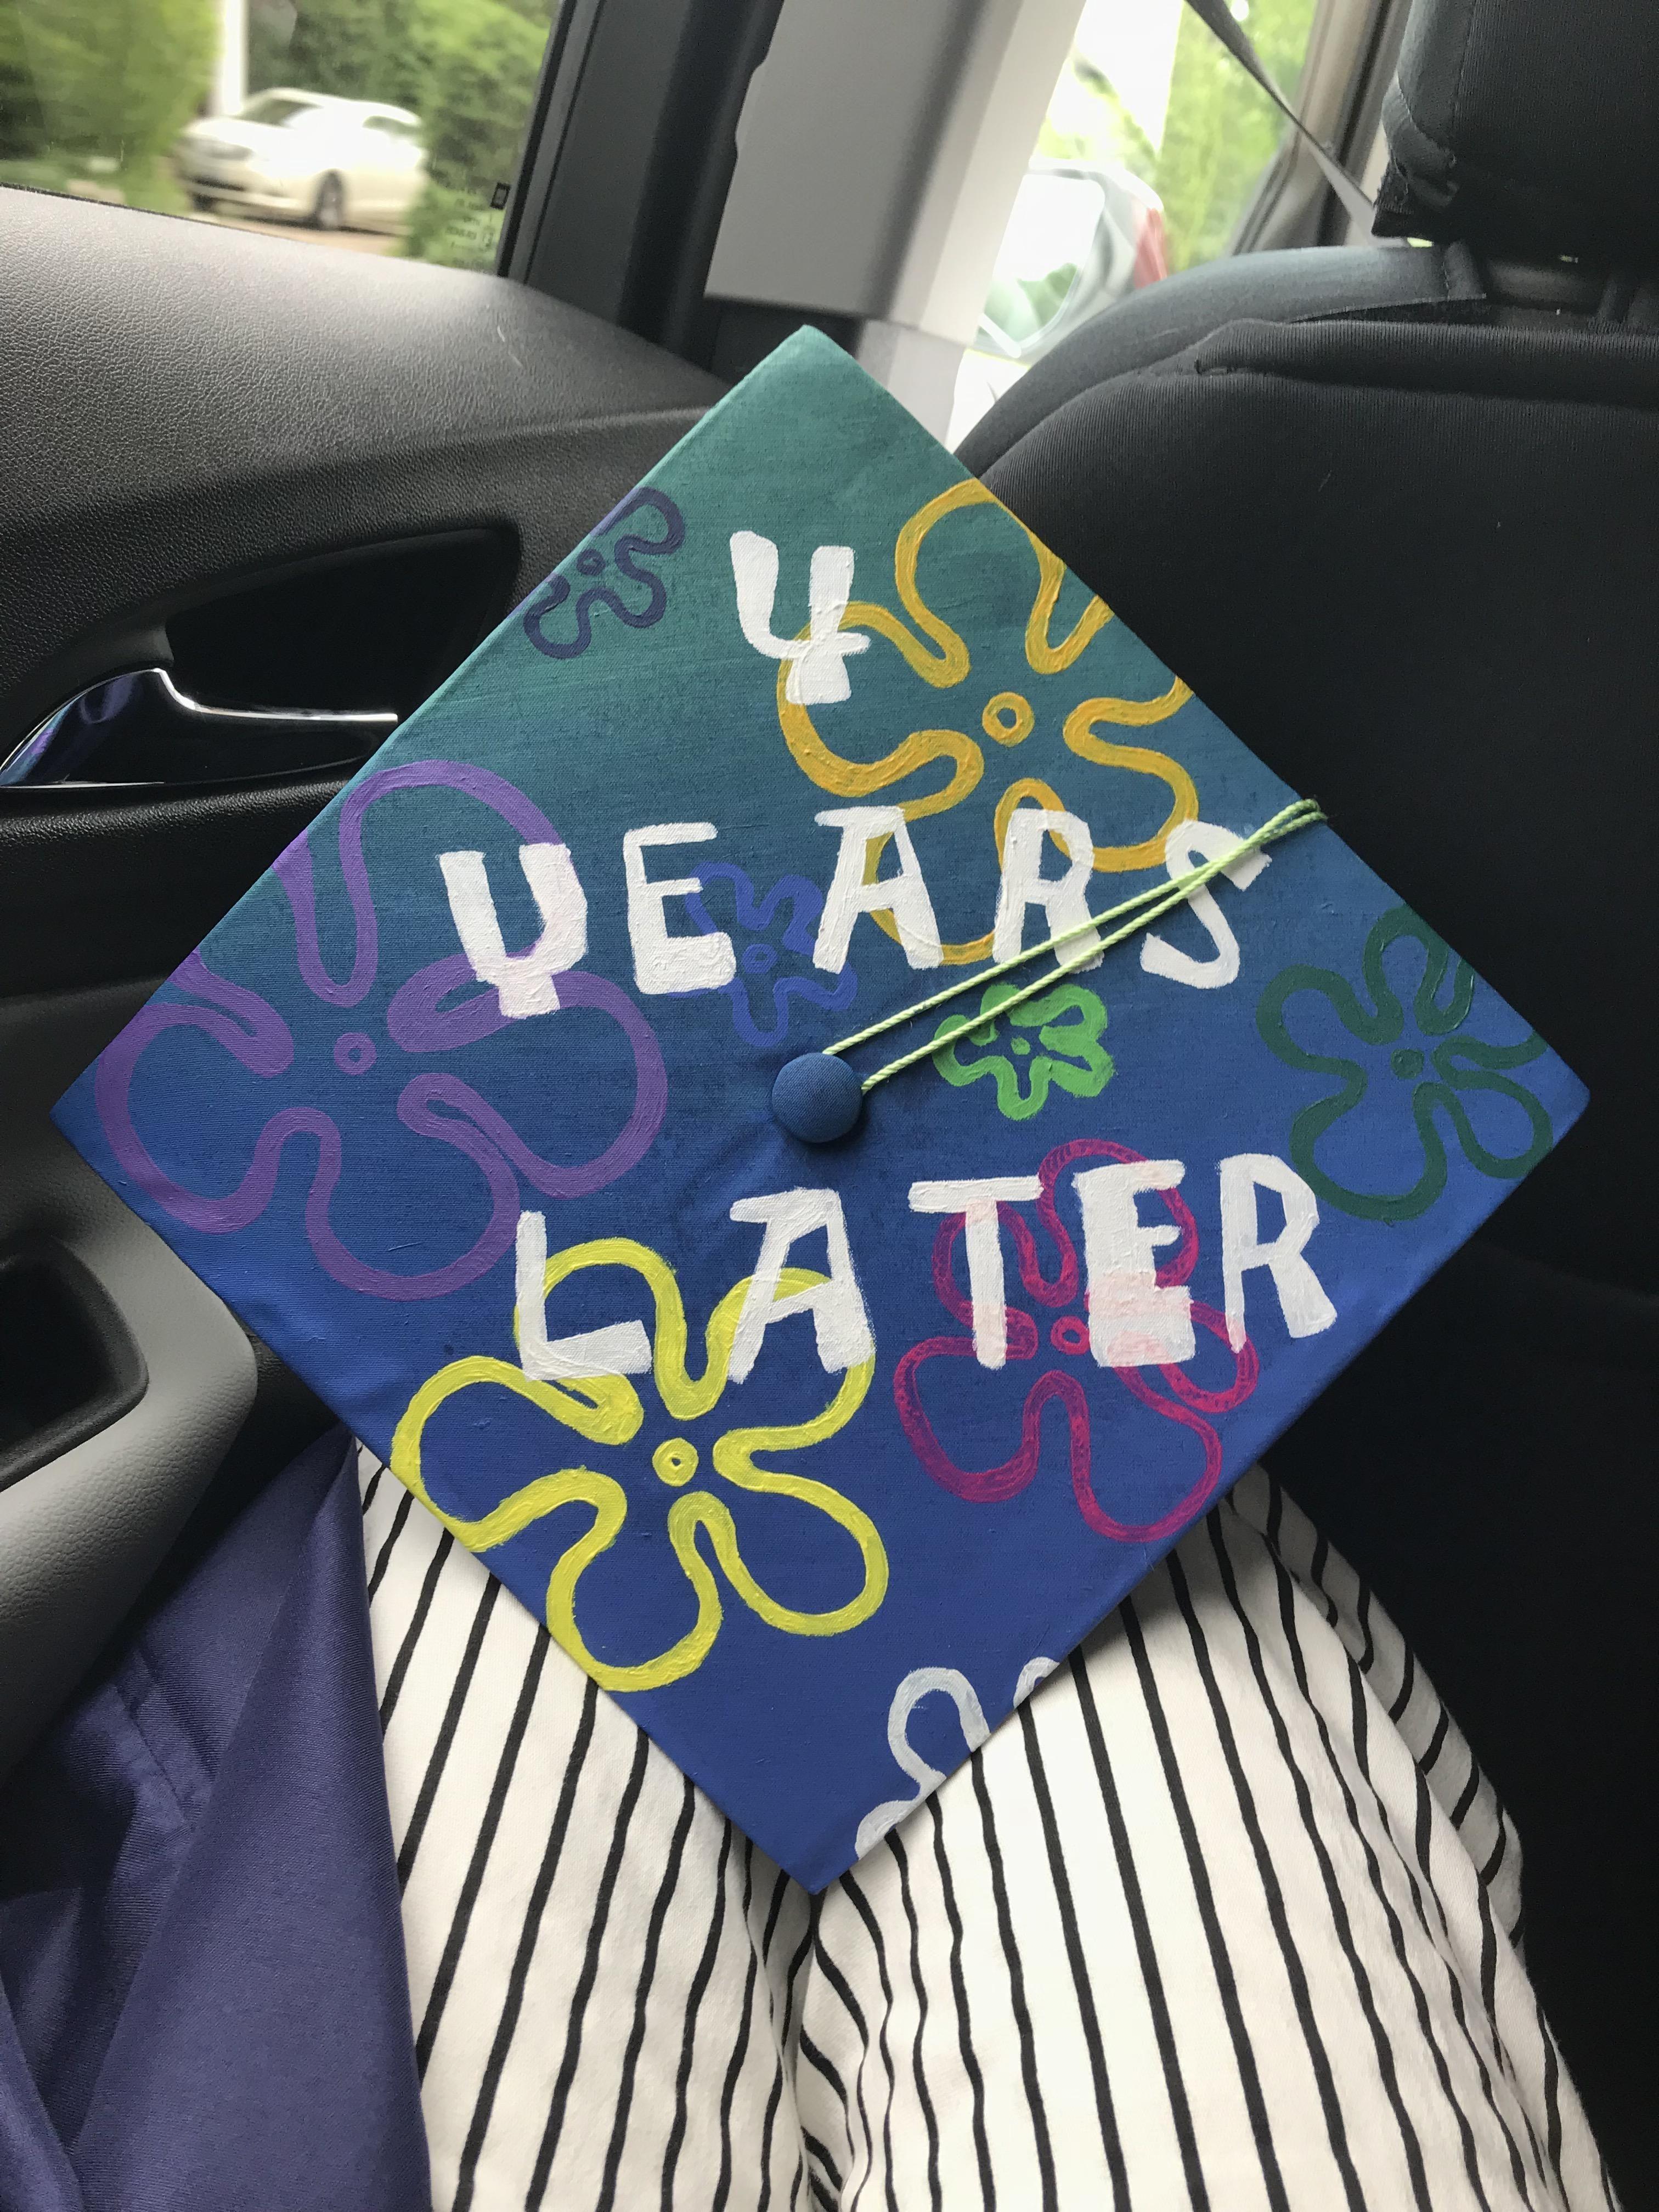 Funny Graduation Cap Designs ; Funny Graduation Cap Designs